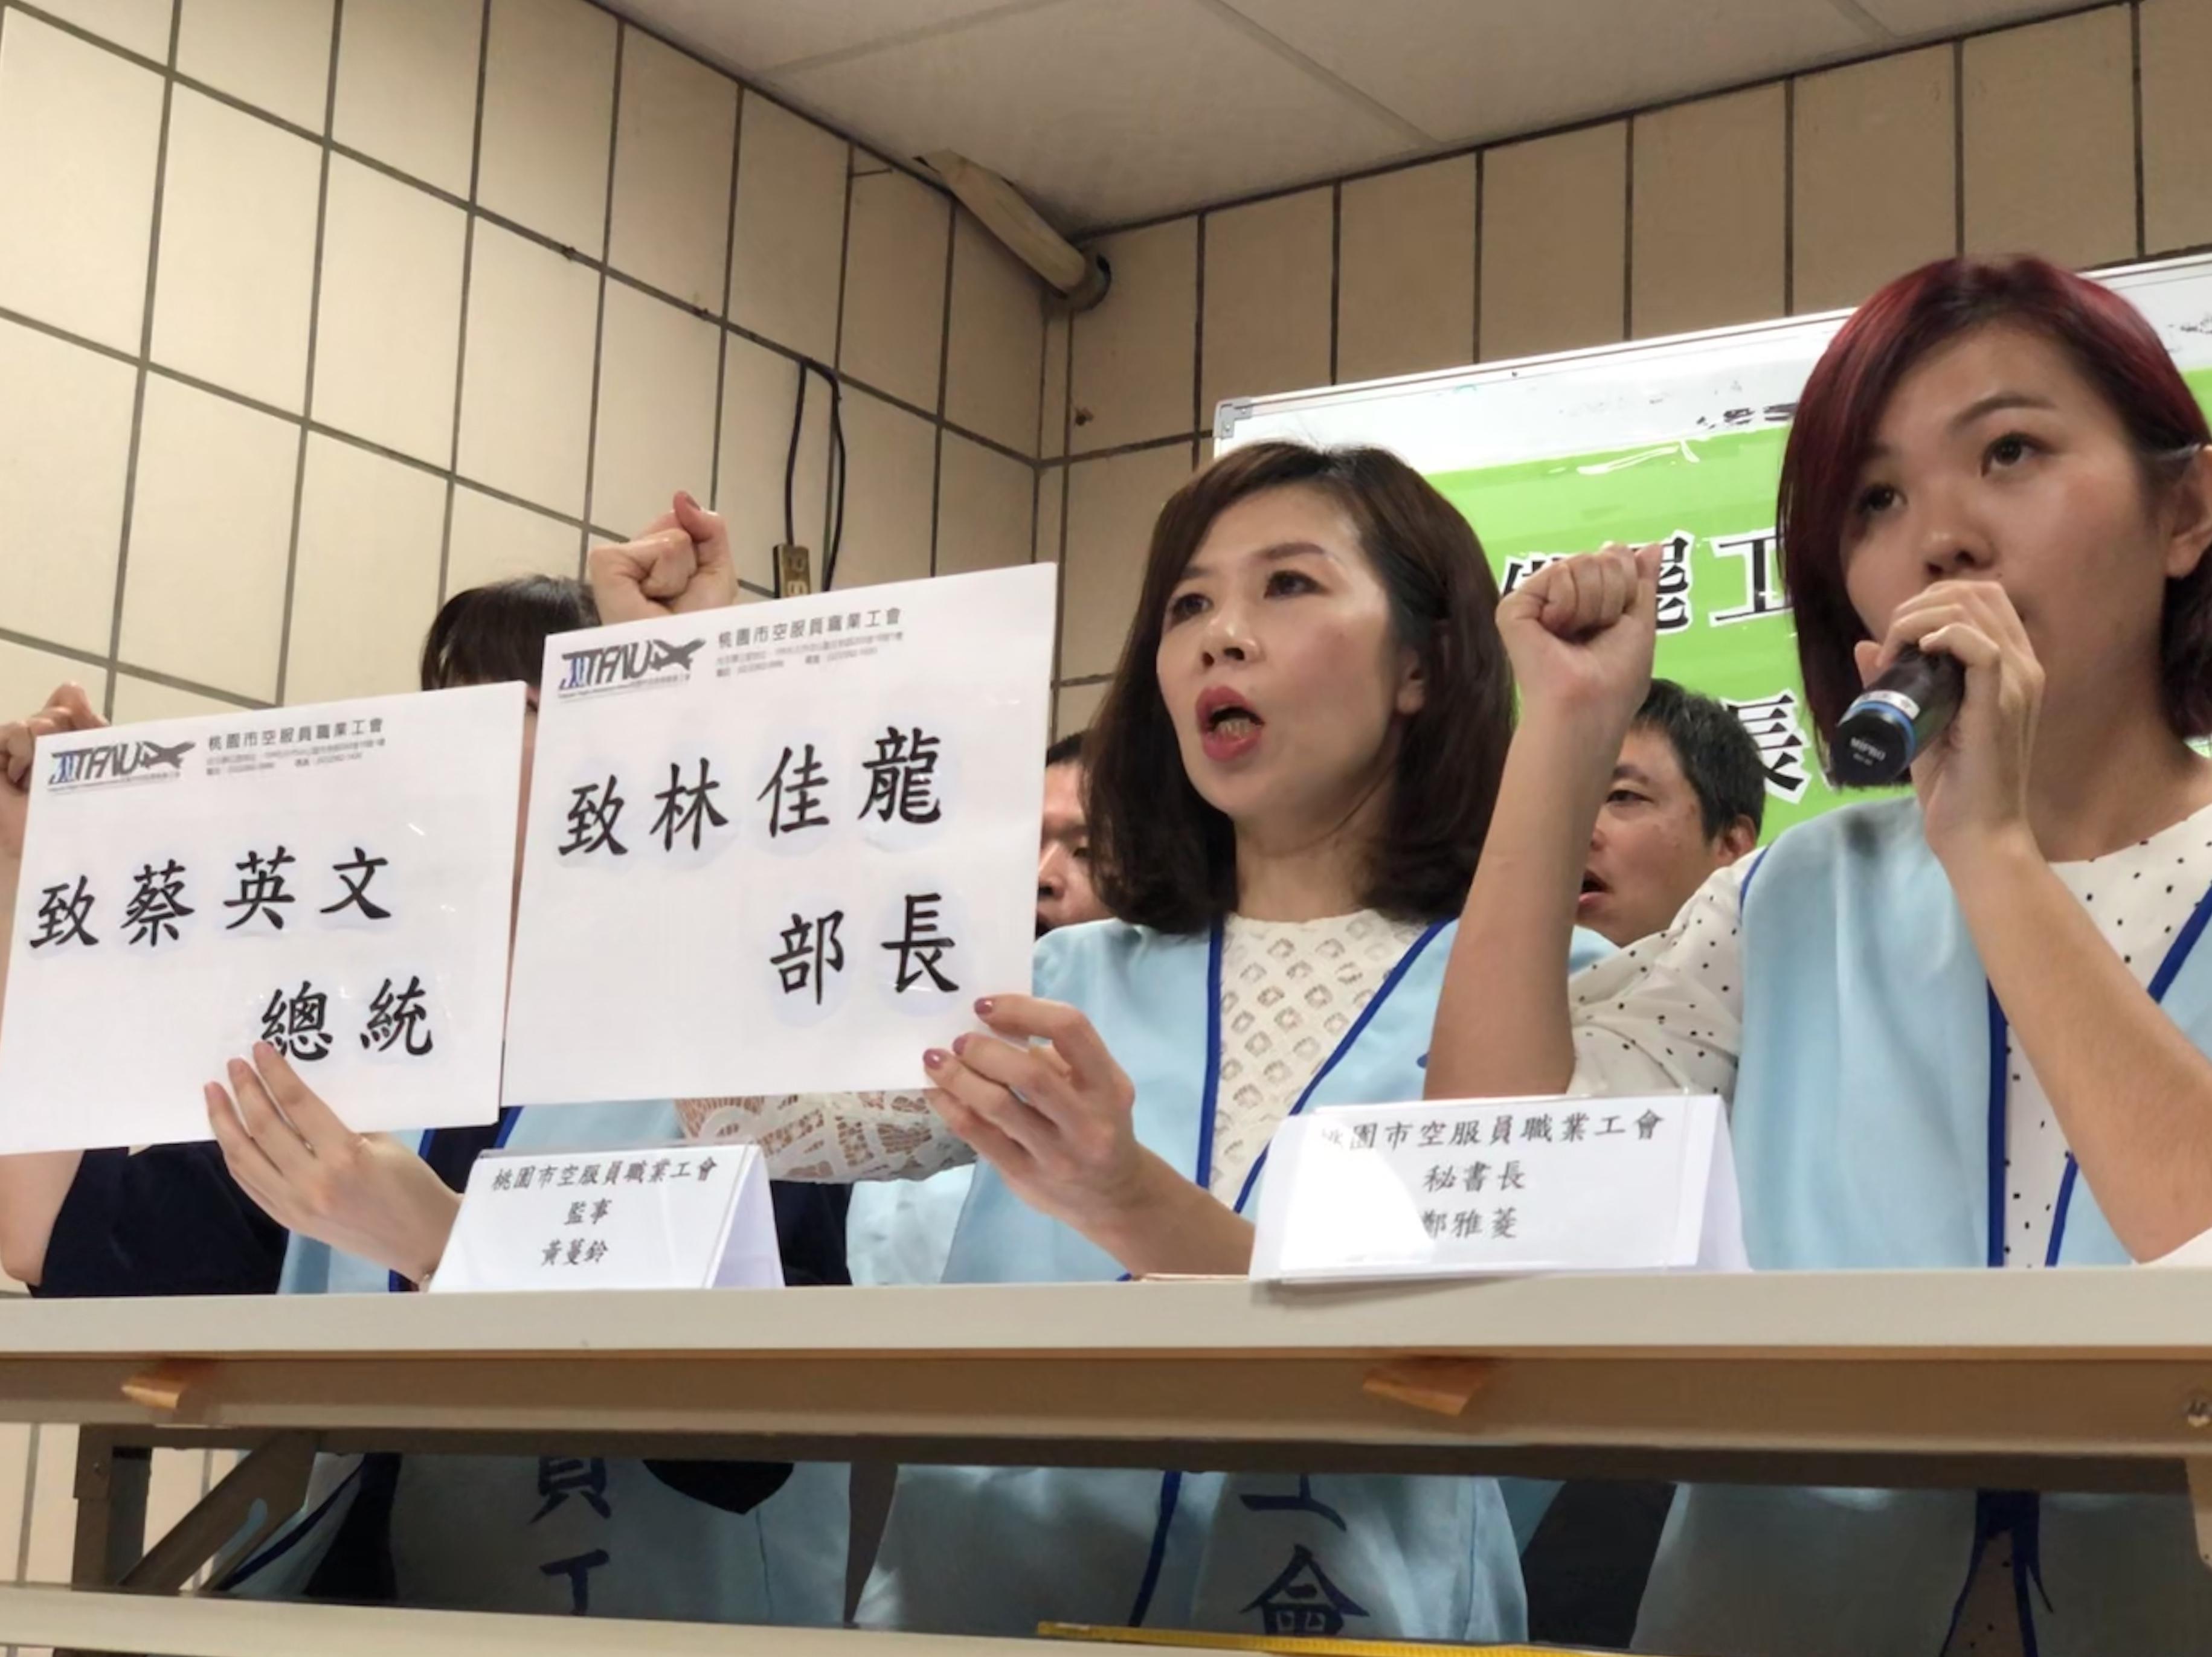 交通部長林佳龍日前表示若長榮空服員罷工將不會迴避,工會今日也向政府喊話,希望共同尋求解決問題的方法。(攝影:王顥中)